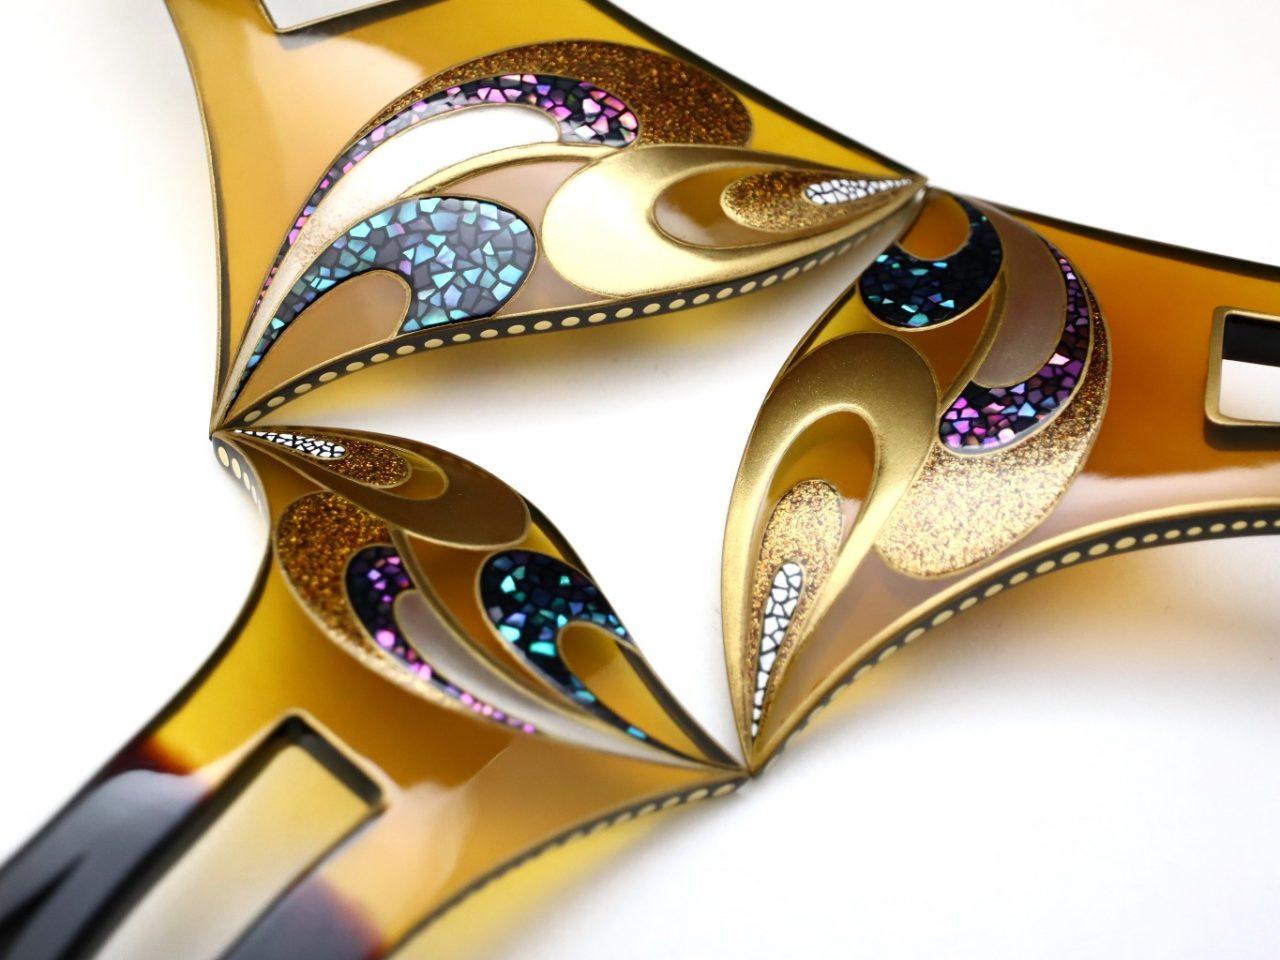 結婚披露宴、パーティーなど華やかな機会にお勧めな美しいべっ甲螺鈿金蒔絵かんざし・3種|黒革の手帖2017使用簪